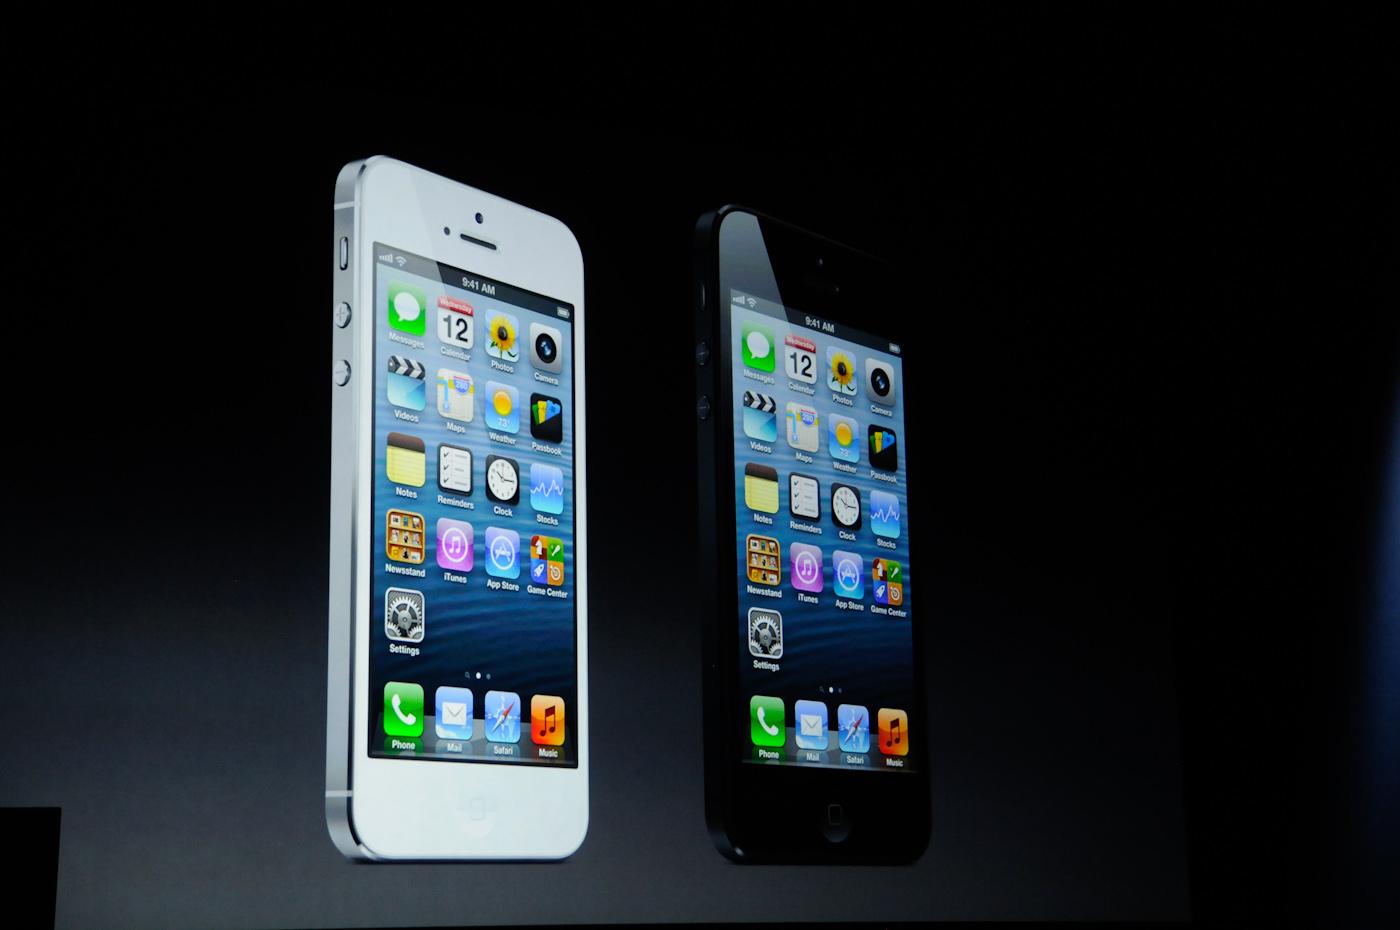 http://1.bp.blogspot.com/-JozeVzLYjGI/UHmSDm5TMUI/AAAAAAAAA4M/dZmPb3-gw1s/s1600/iPhone5-399.jpg